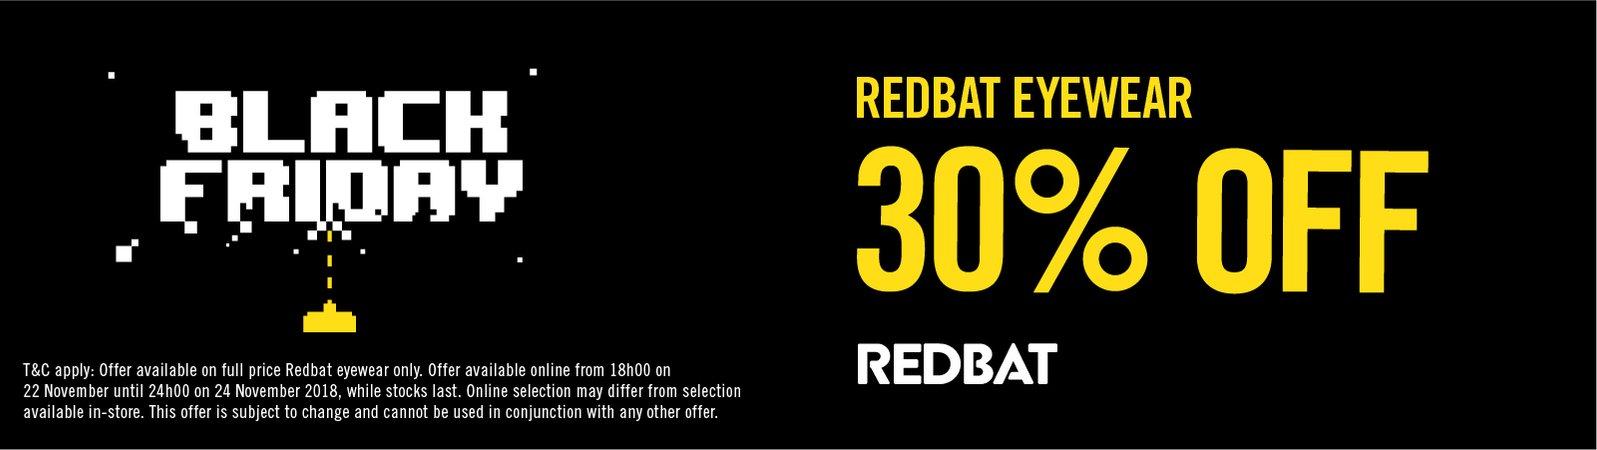 1088a76240 30% Off Redbat Eyewear